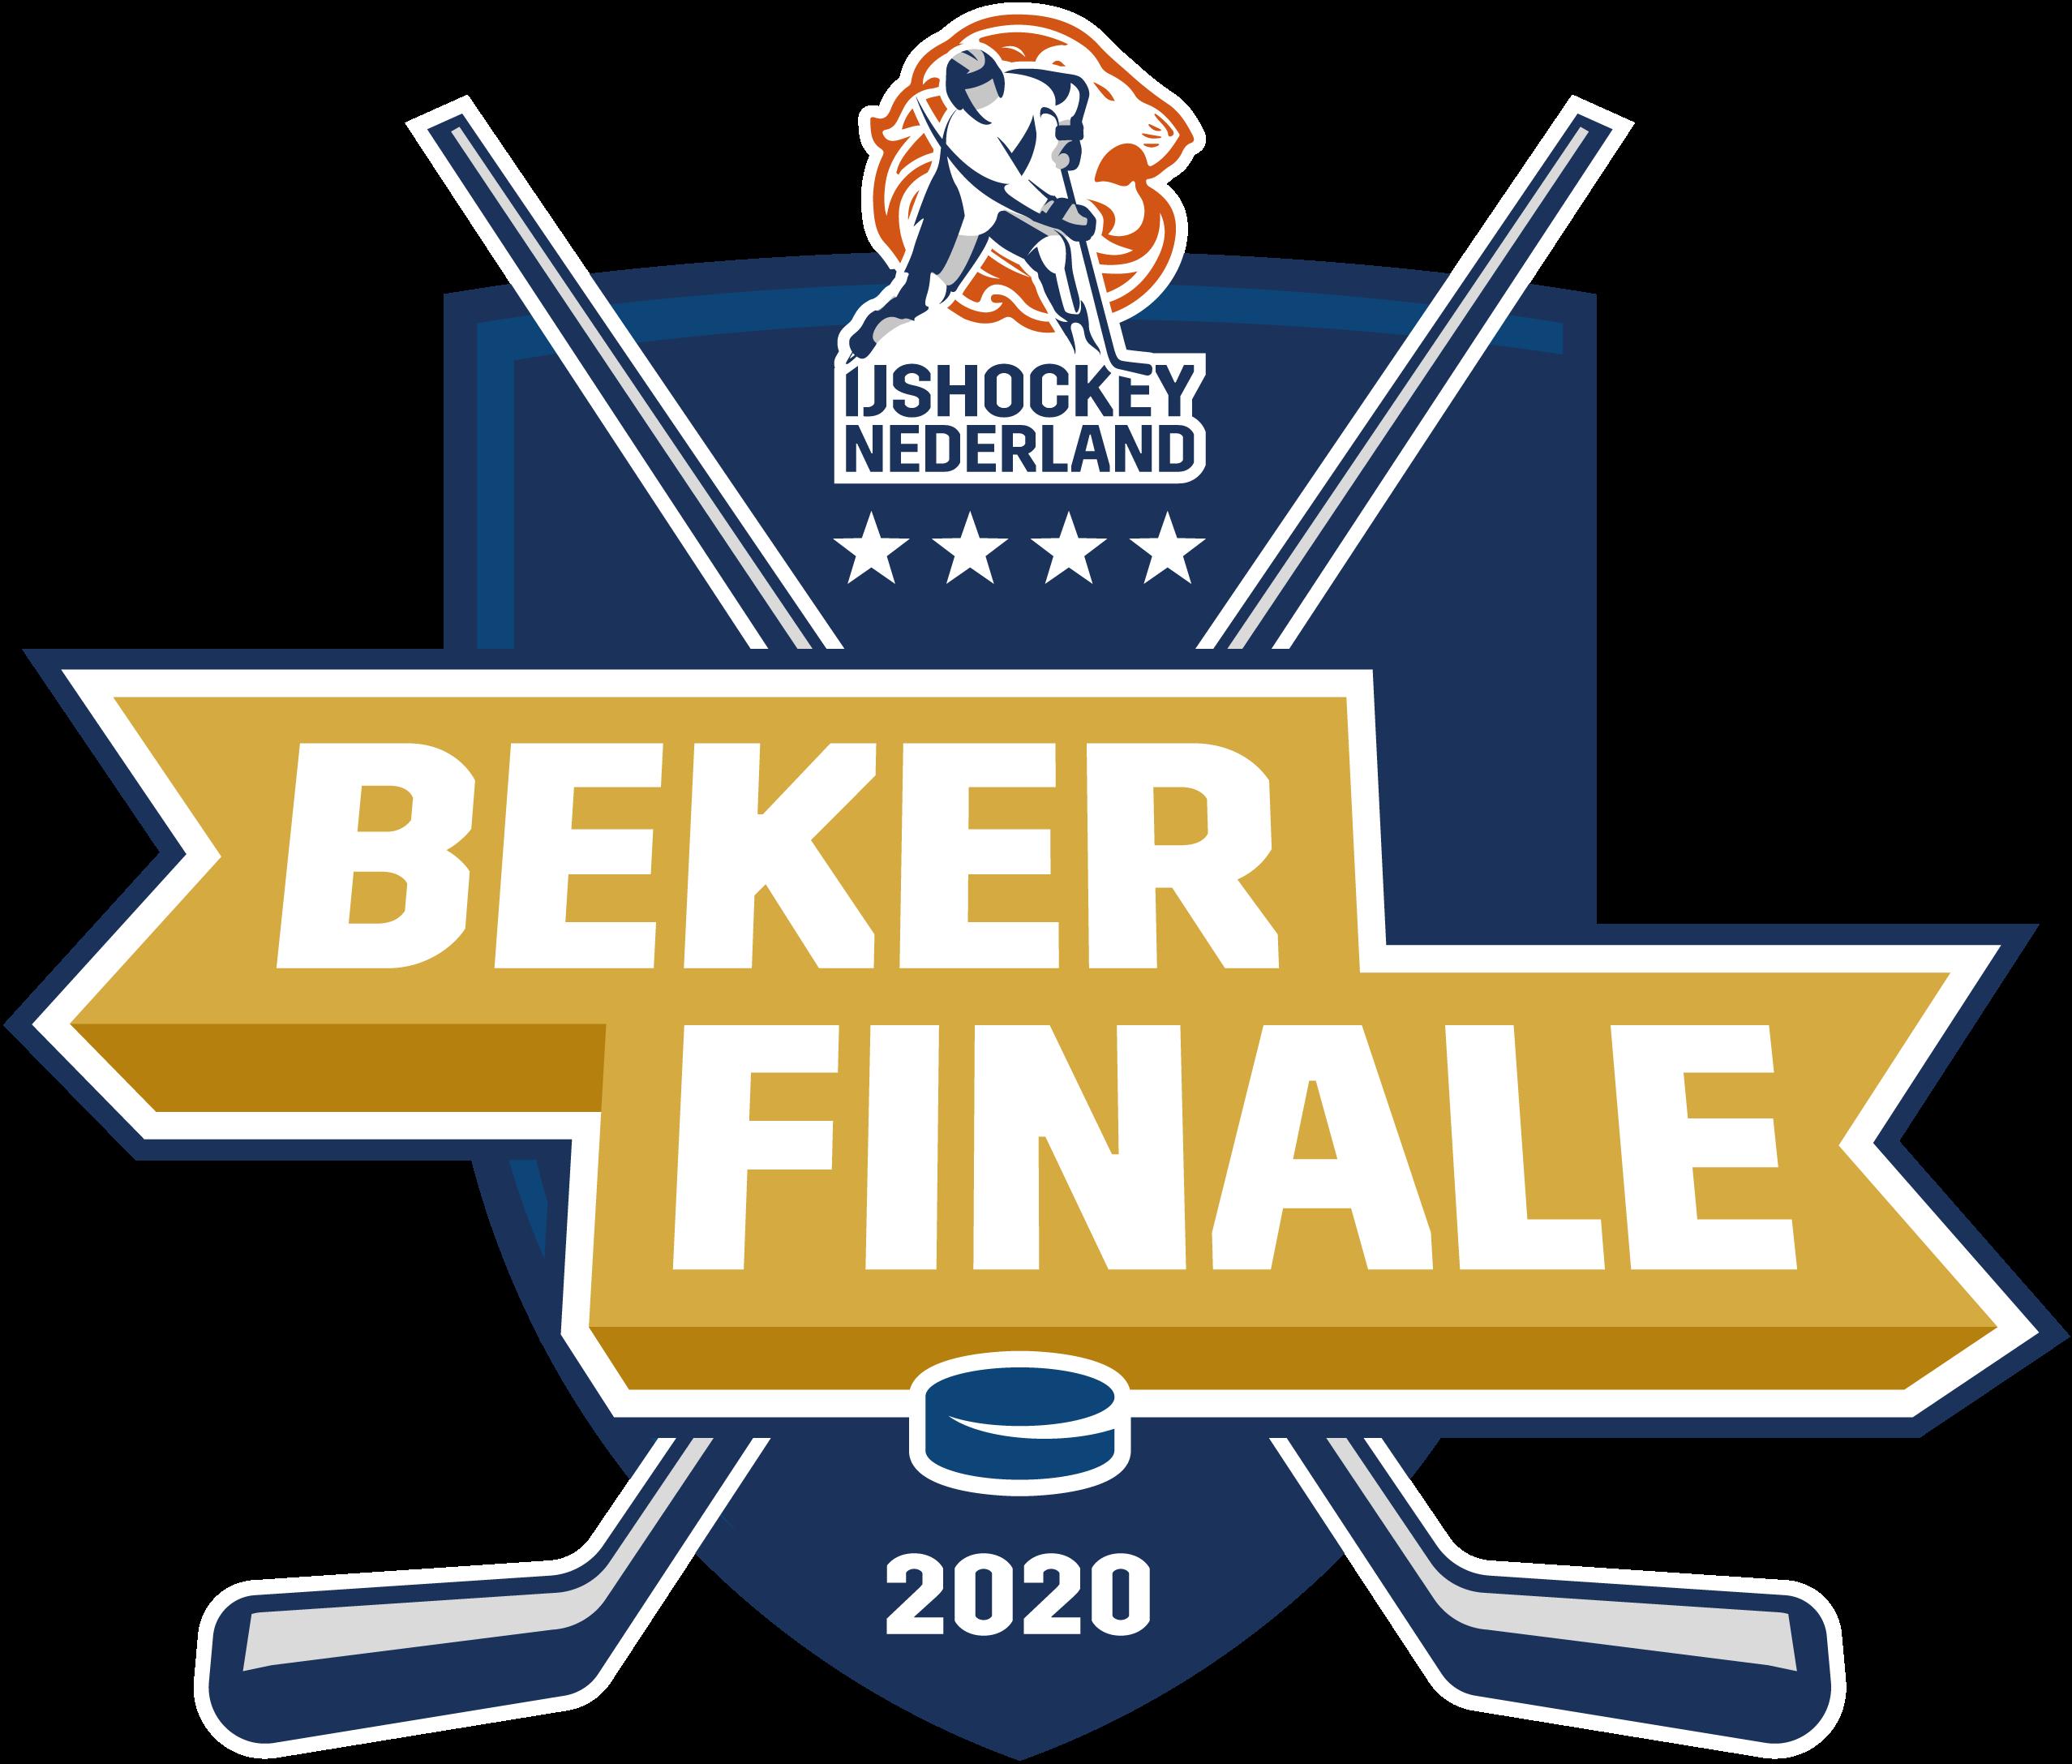 IJNL logo bekerfinale 2020